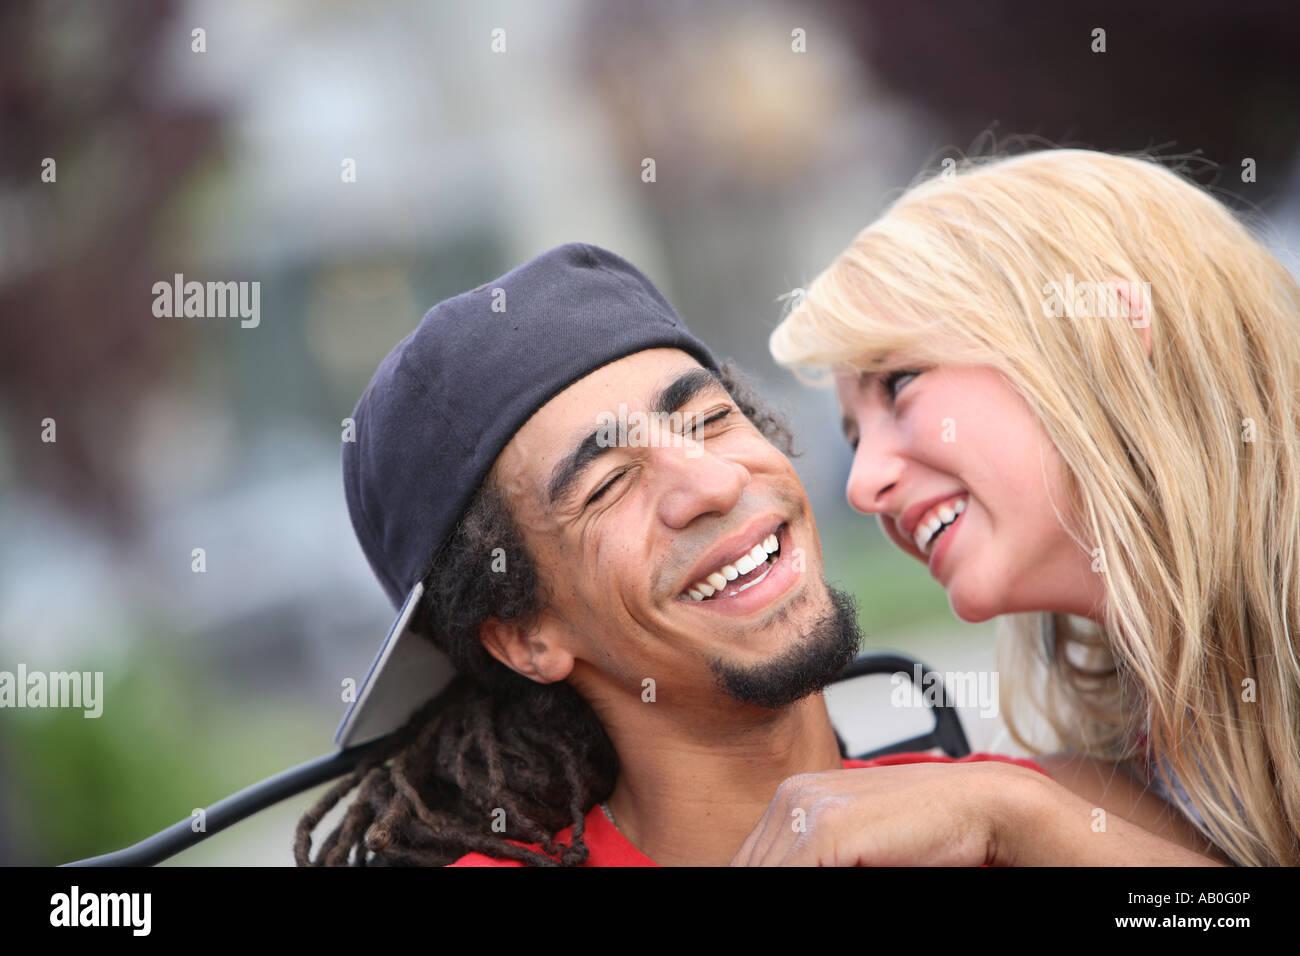 Junges Paar lächelnd zusammen Stockbild